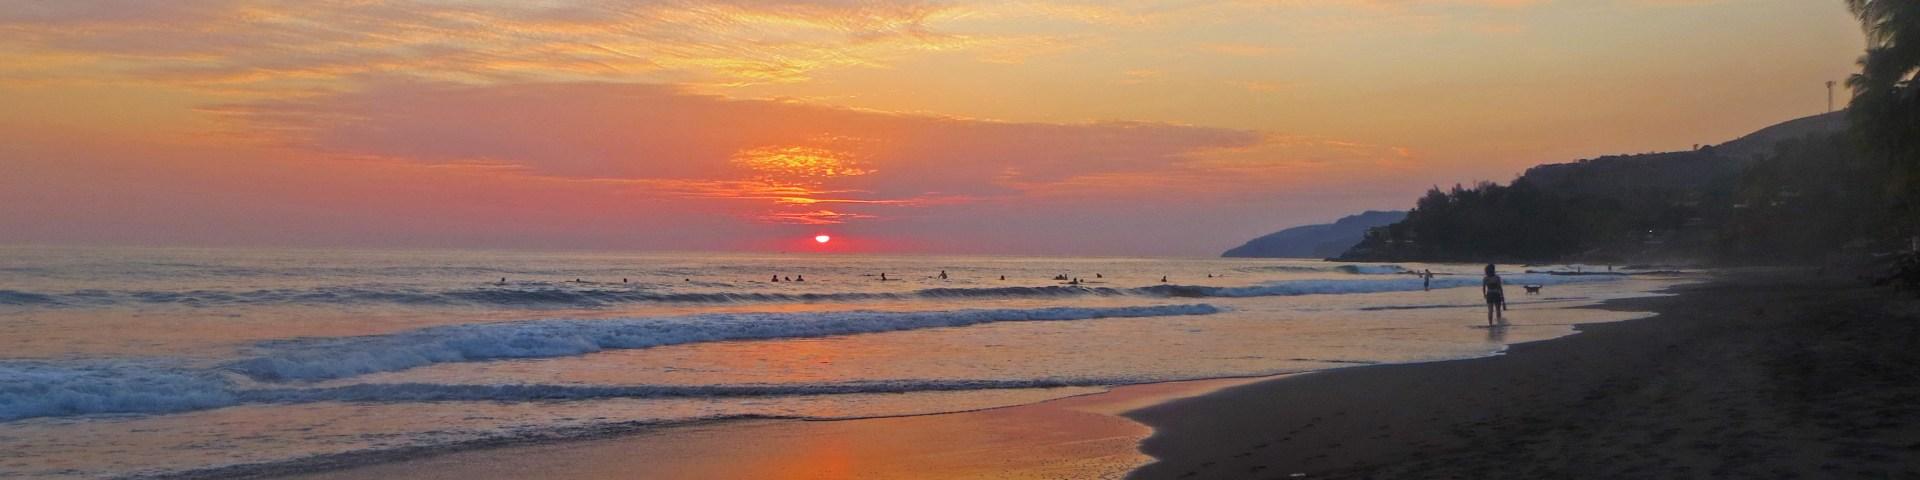 El Zonte Beach sunset, El Salvador